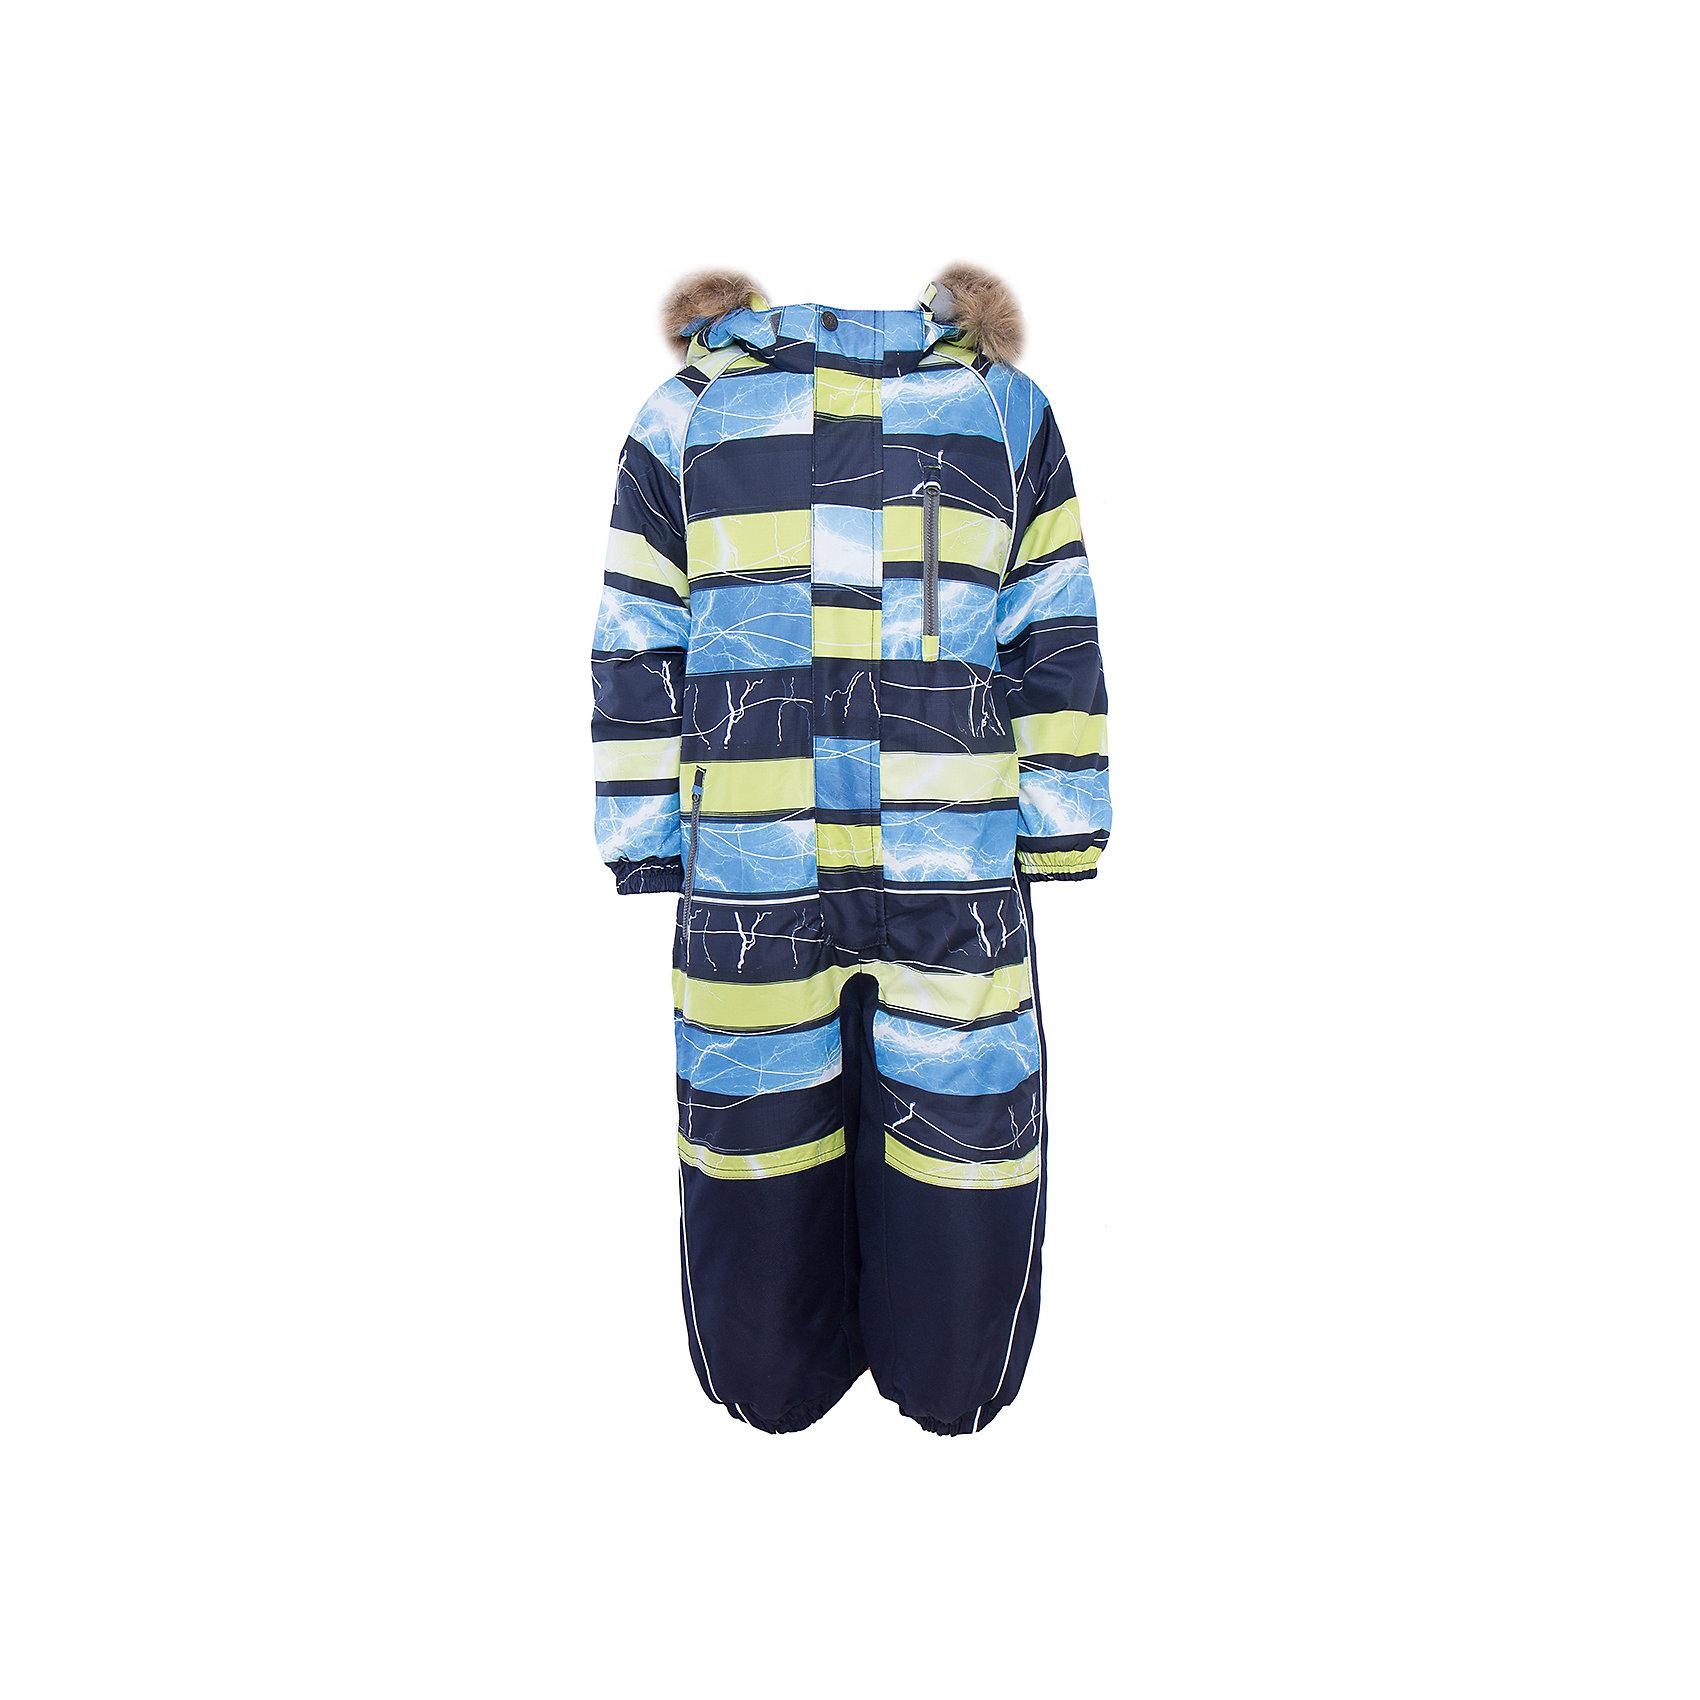 Комбинезон  для мальчика HuppaКомбинезон FENNO Huppa(Хуппа).<br><br>Утеплитель: 100% полиэстер, 300 гр.<br><br>Температурный режим: до -30 градусов. Степень утепления – высокая. <br><br>* Температурный режим указан приблизительно — необходимо, прежде всего, ориентироваться на ощущения ребенка. Температурный режим работает в случае соблюдения правила многослойности – использования флисовой поддевы и термобелья.<br><br>Отлично подойдет для активного отдыха в зимнее время. Комбинезон с дышащей водоотталкивающей поверхностью и мягкой подкладкой идеально сидит по фигуре, благодаря резинкам на манжетах и талии. С этим комбинезоном ребенок смело может играть в сугробах, не боясь замерзнуть и промокнуть!<br><br>Особенности:<br>-утеплитель HuppaTherm<br>-съемный капюшон с отстегивающимся мехом<br>-наружный и внутренний карман на молнии<br>-светоотражающие элементы<br>-шаговый шов, внутренние и боковые швы проклеены<br><br>Дополнительная информация:<br>Материал: 100% полиэстер<br>Подкладка: тафта, флис - 100% полиэстер<br>Цвет: синий/темно-синий/лайм<br><br>Вы можете приобрести комбинезон FENNO Huppa(Хуппа) в нашем интернет-магазине.<br><br>Ширина мм: 356<br>Глубина мм: 10<br>Высота мм: 245<br>Вес г: 519<br>Цвет: зеленый<br>Возраст от месяцев: 18<br>Возраст до месяцев: 24<br>Пол: Мужской<br>Возраст: Детский<br>Размер: 92,134,128,122,116,110,104,98<br>SKU: 4928701